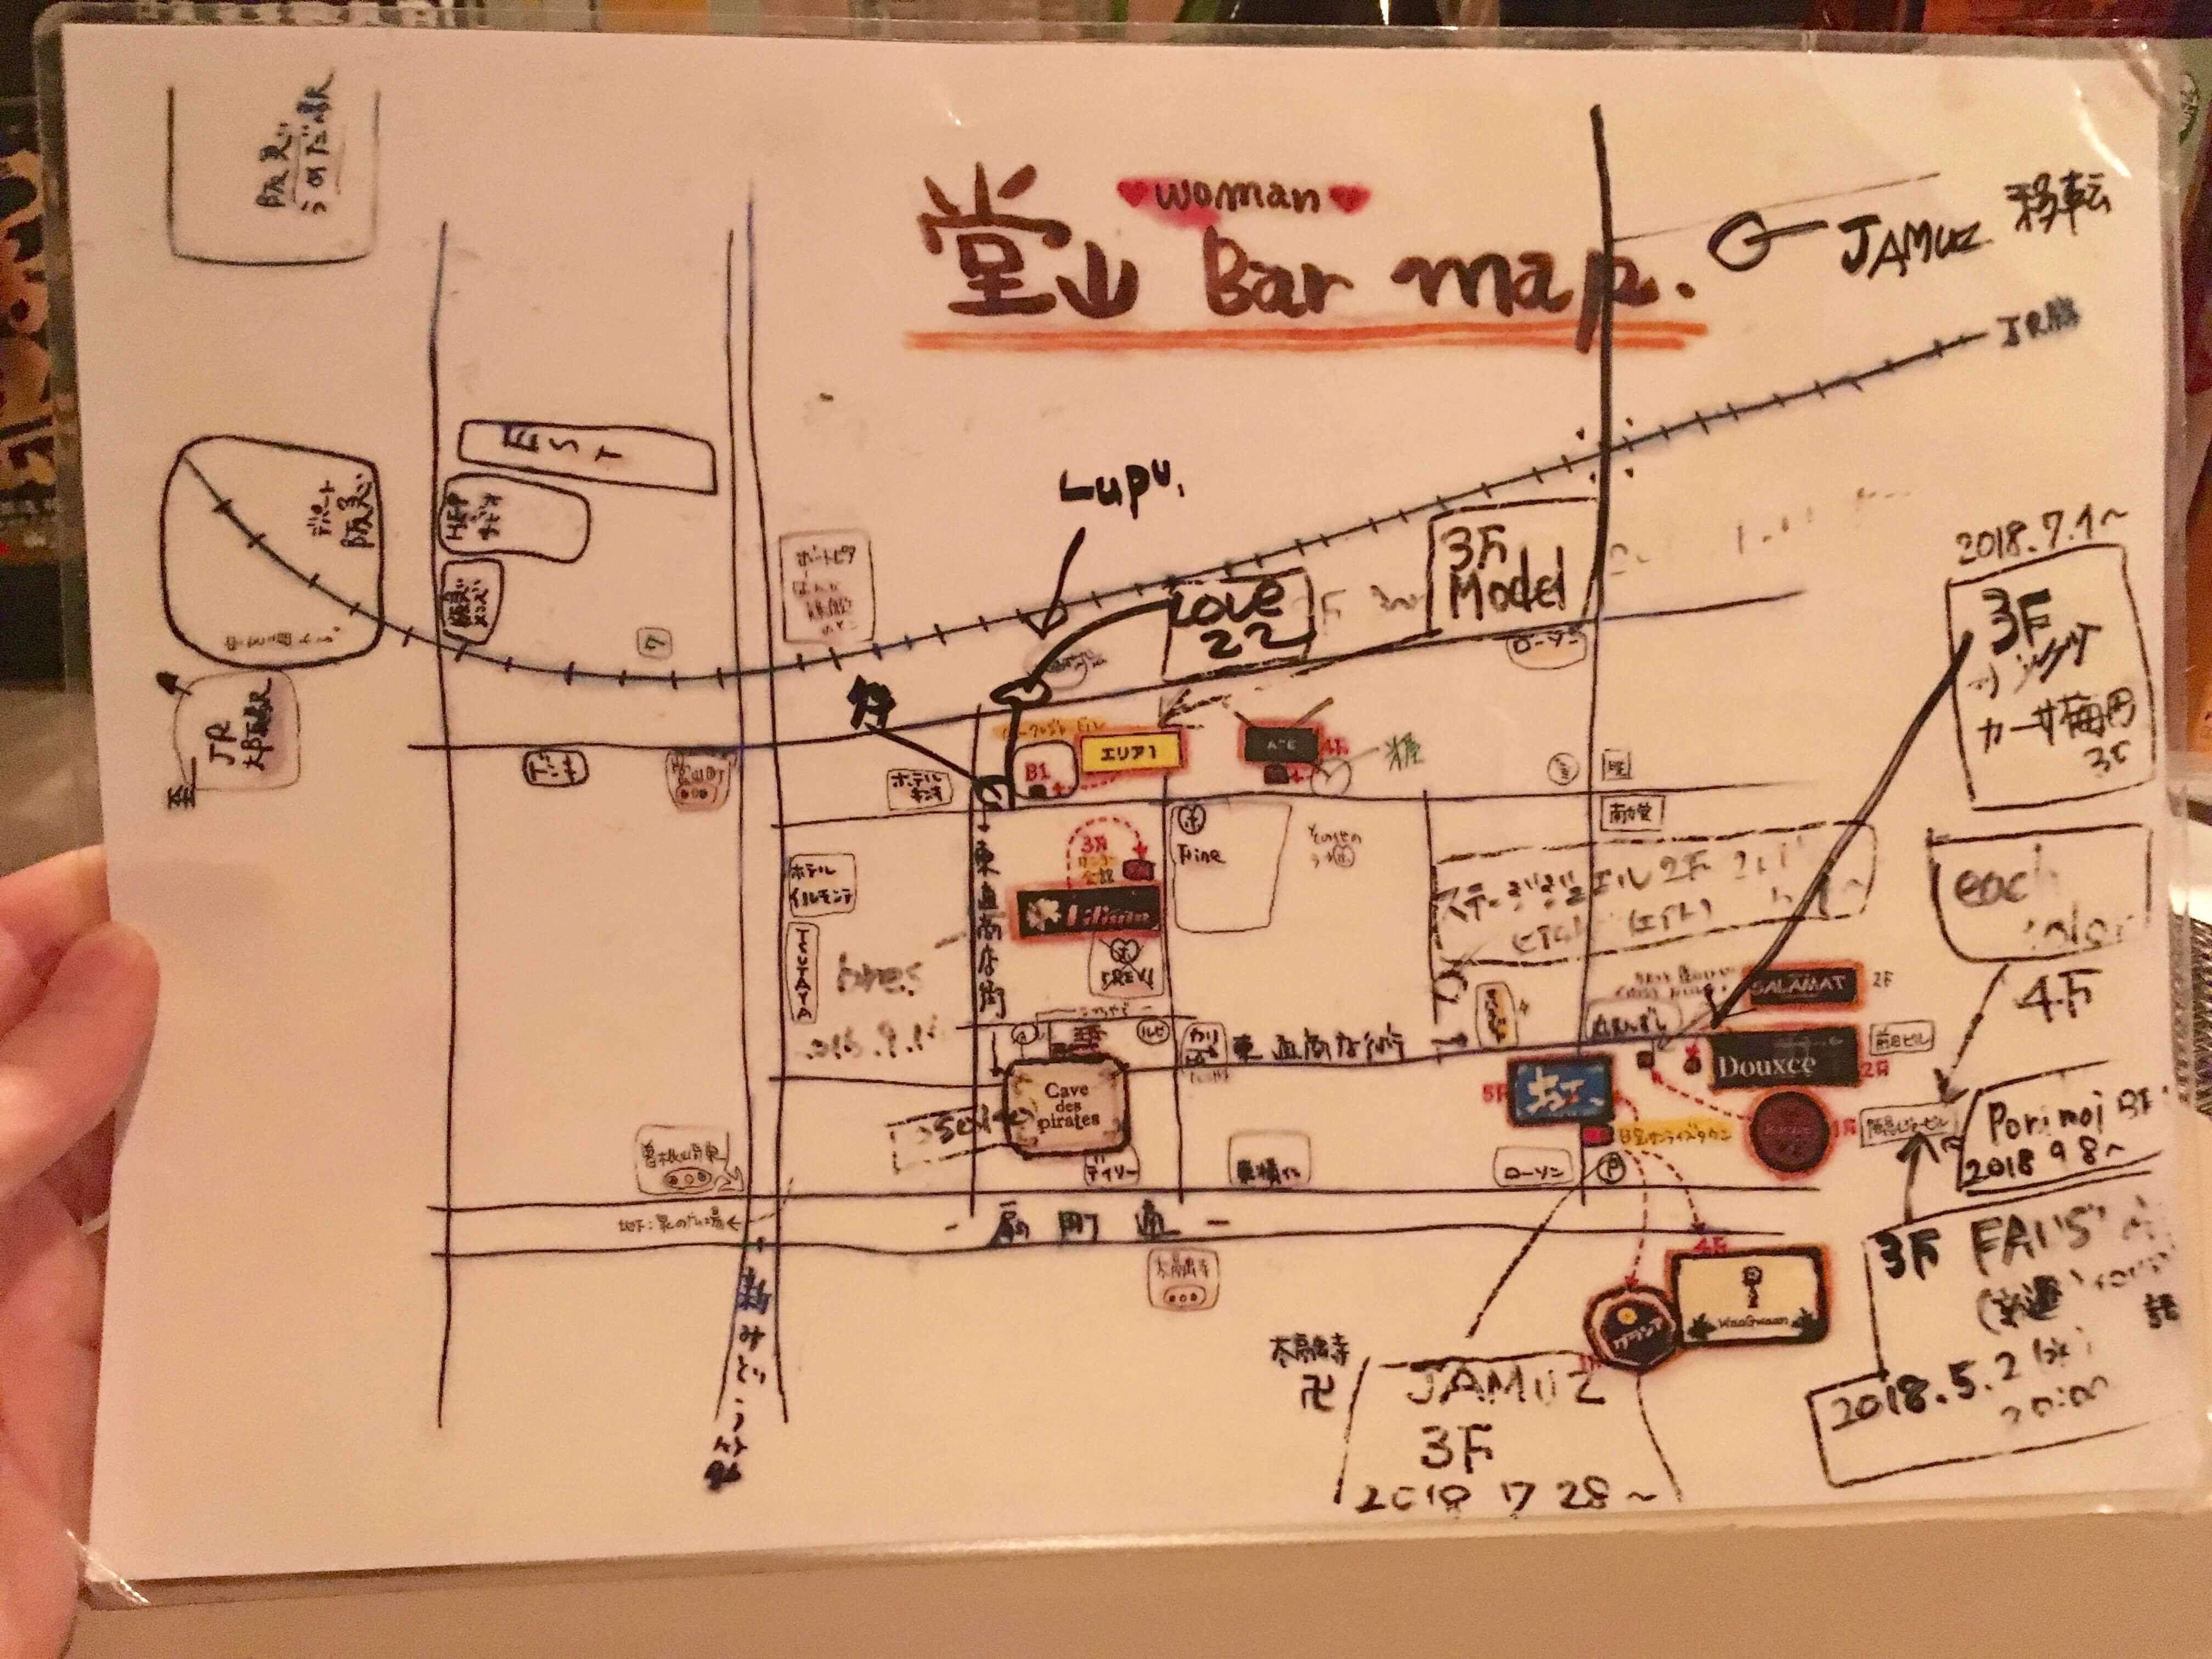 堂山 バーマップ